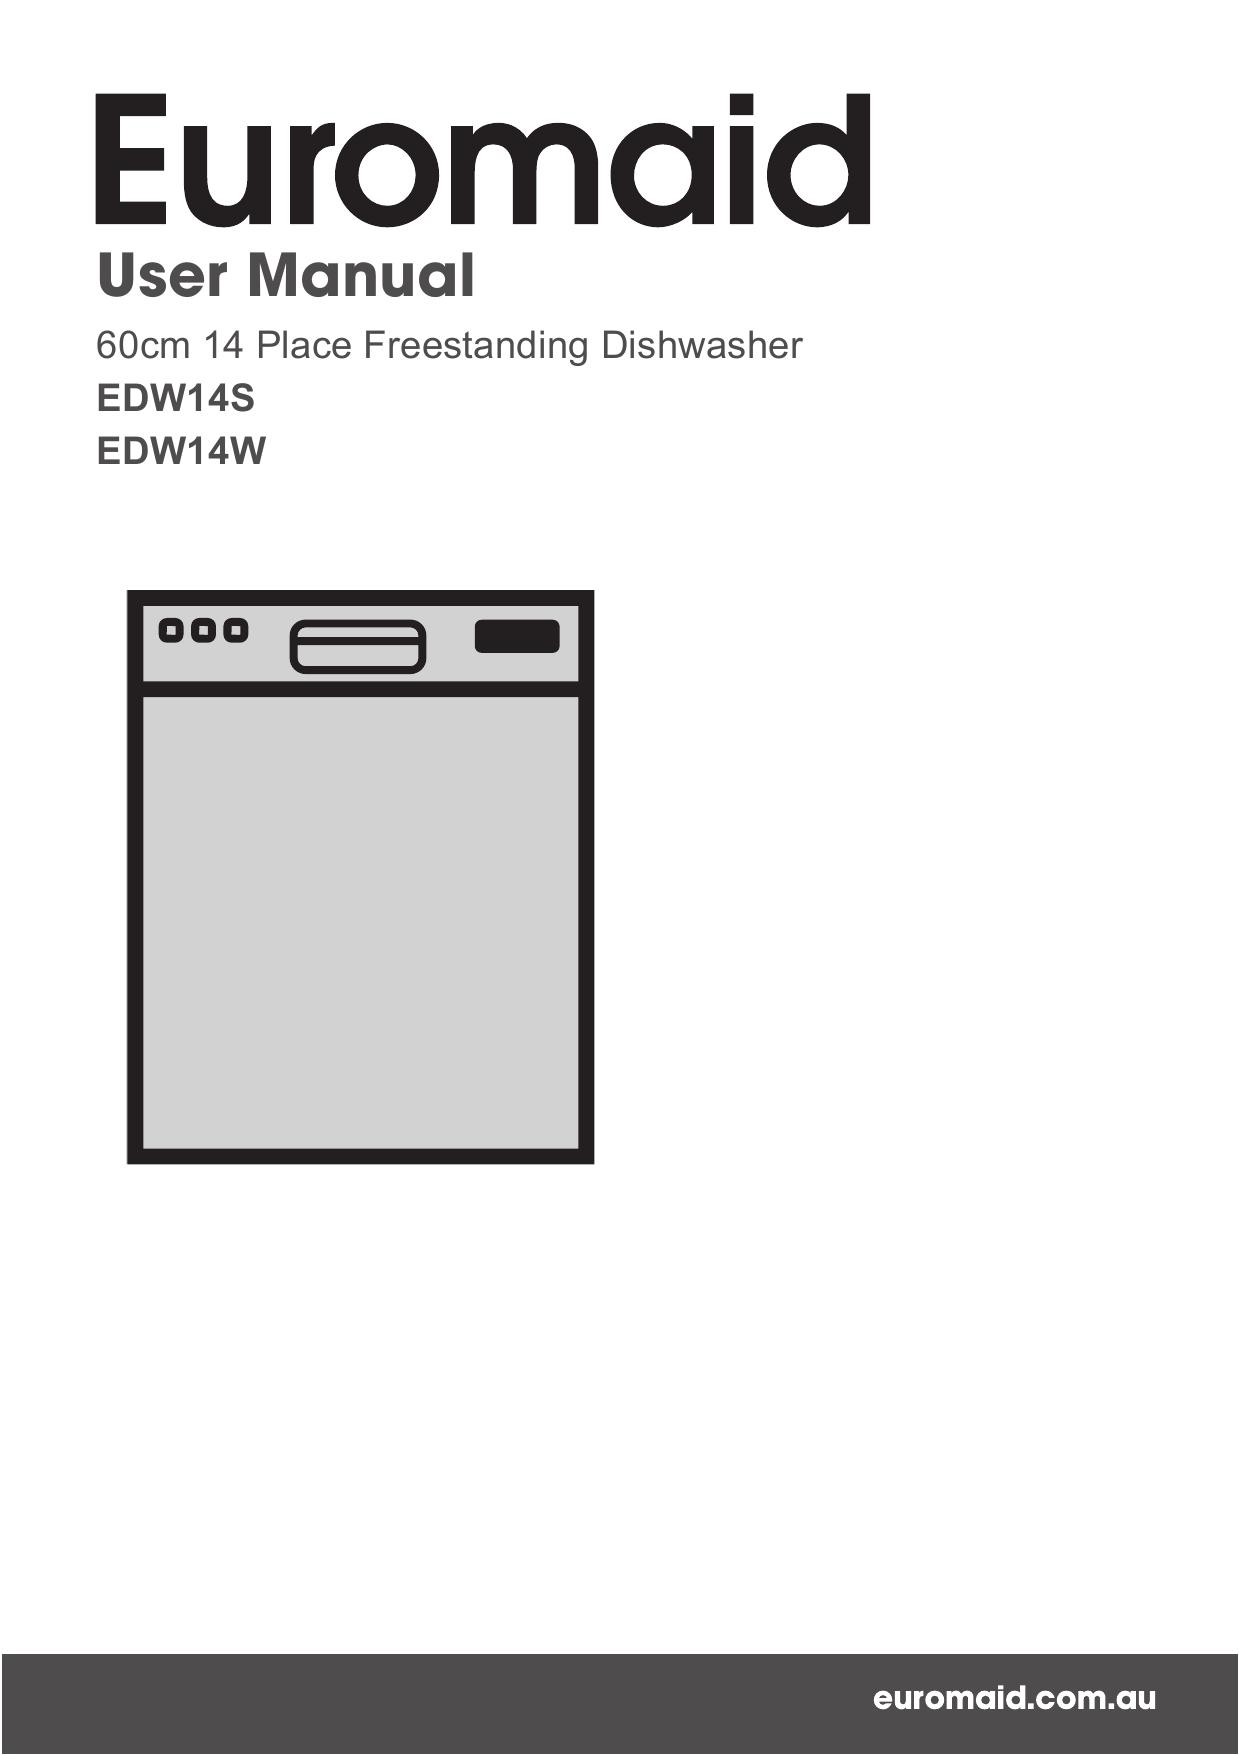 Euromaid 14 Place 60cm Freestanding Dishwasher User Manual